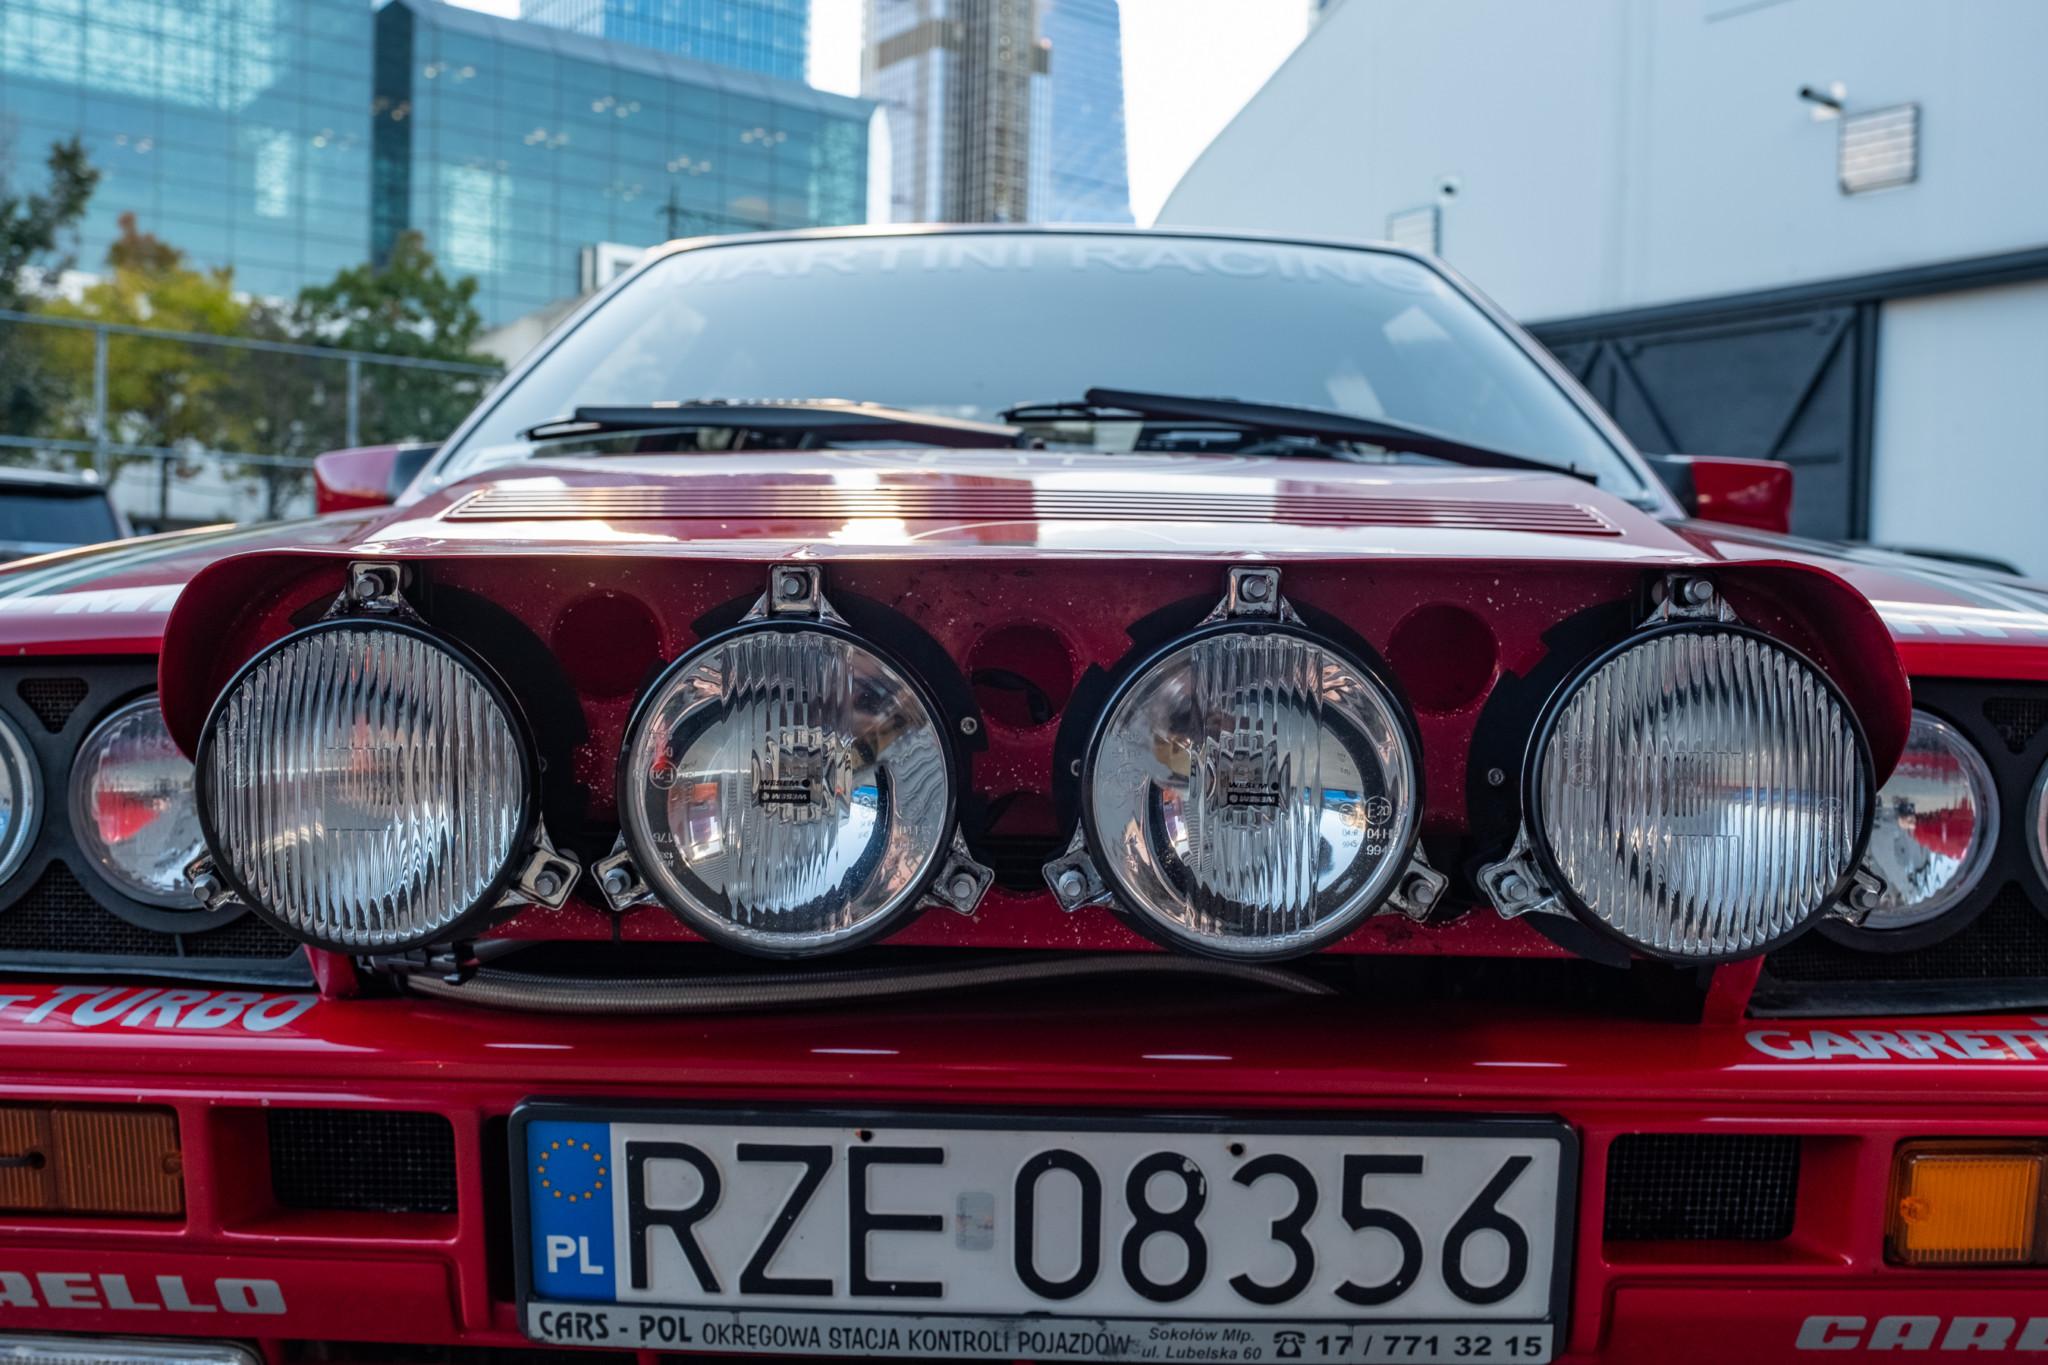 Lancia-Delta-Integrale-1989-for-sale-33